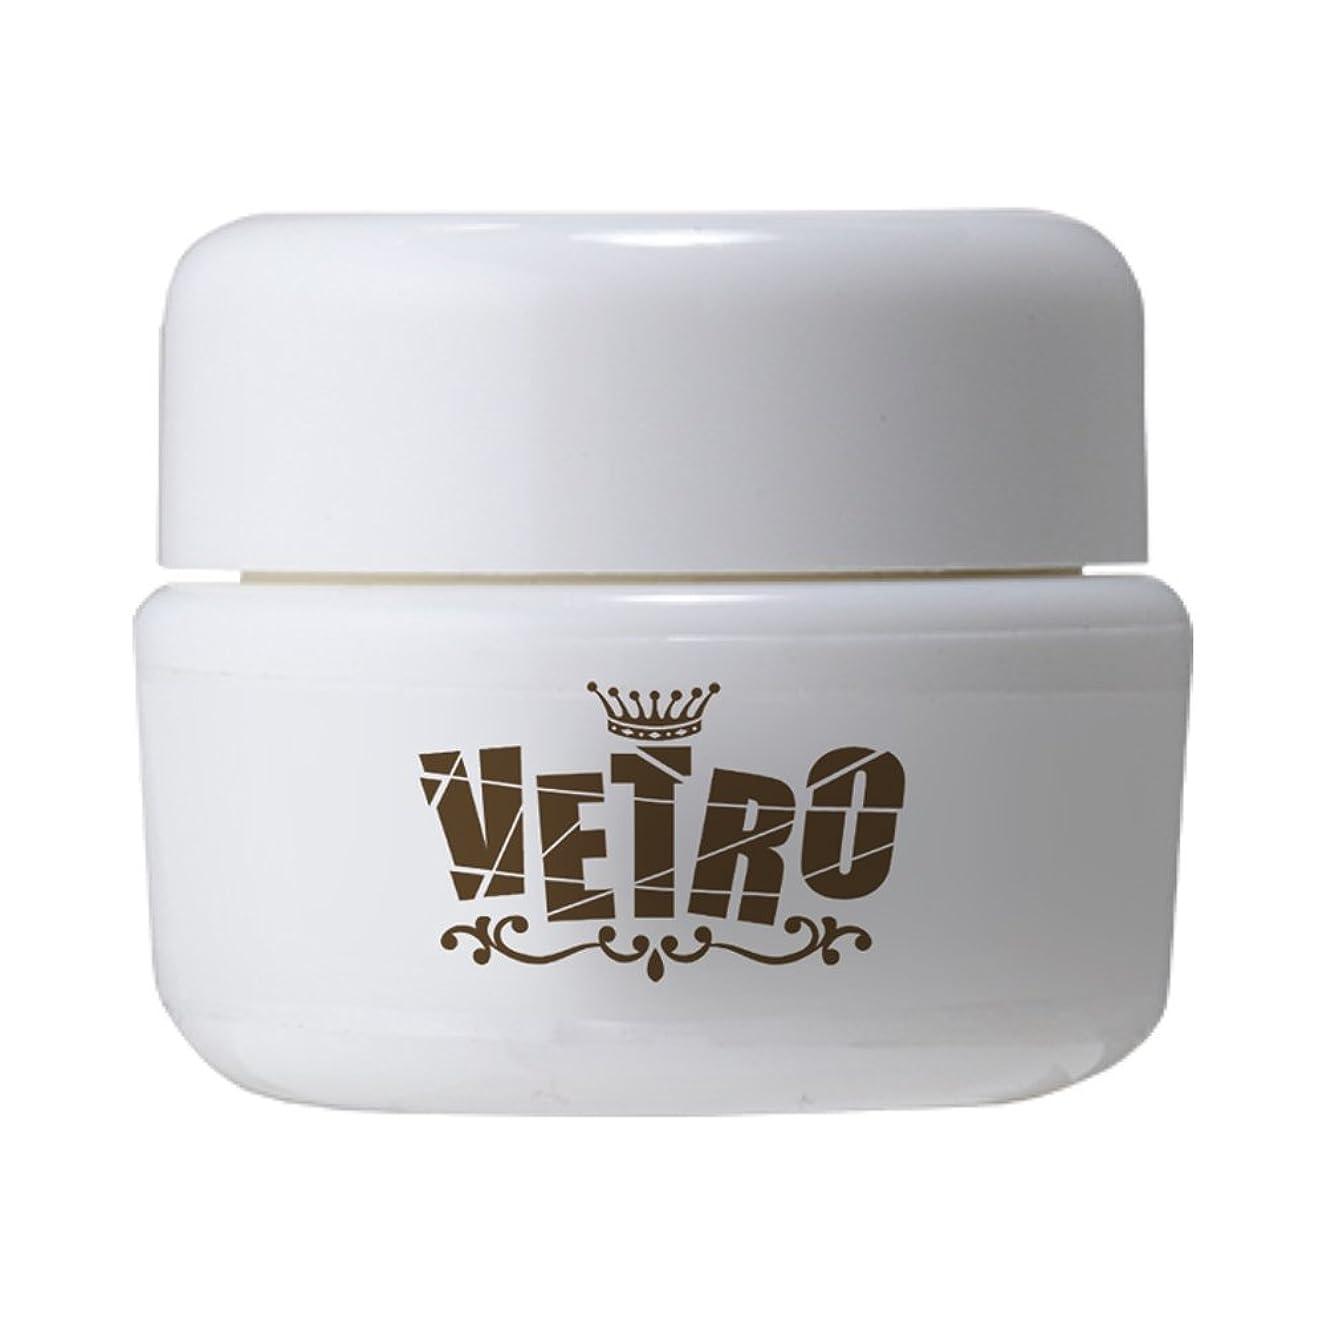 北米北米アトムVETRO No.19カラージェル VL401 5mL 白茶(しらちゃ)